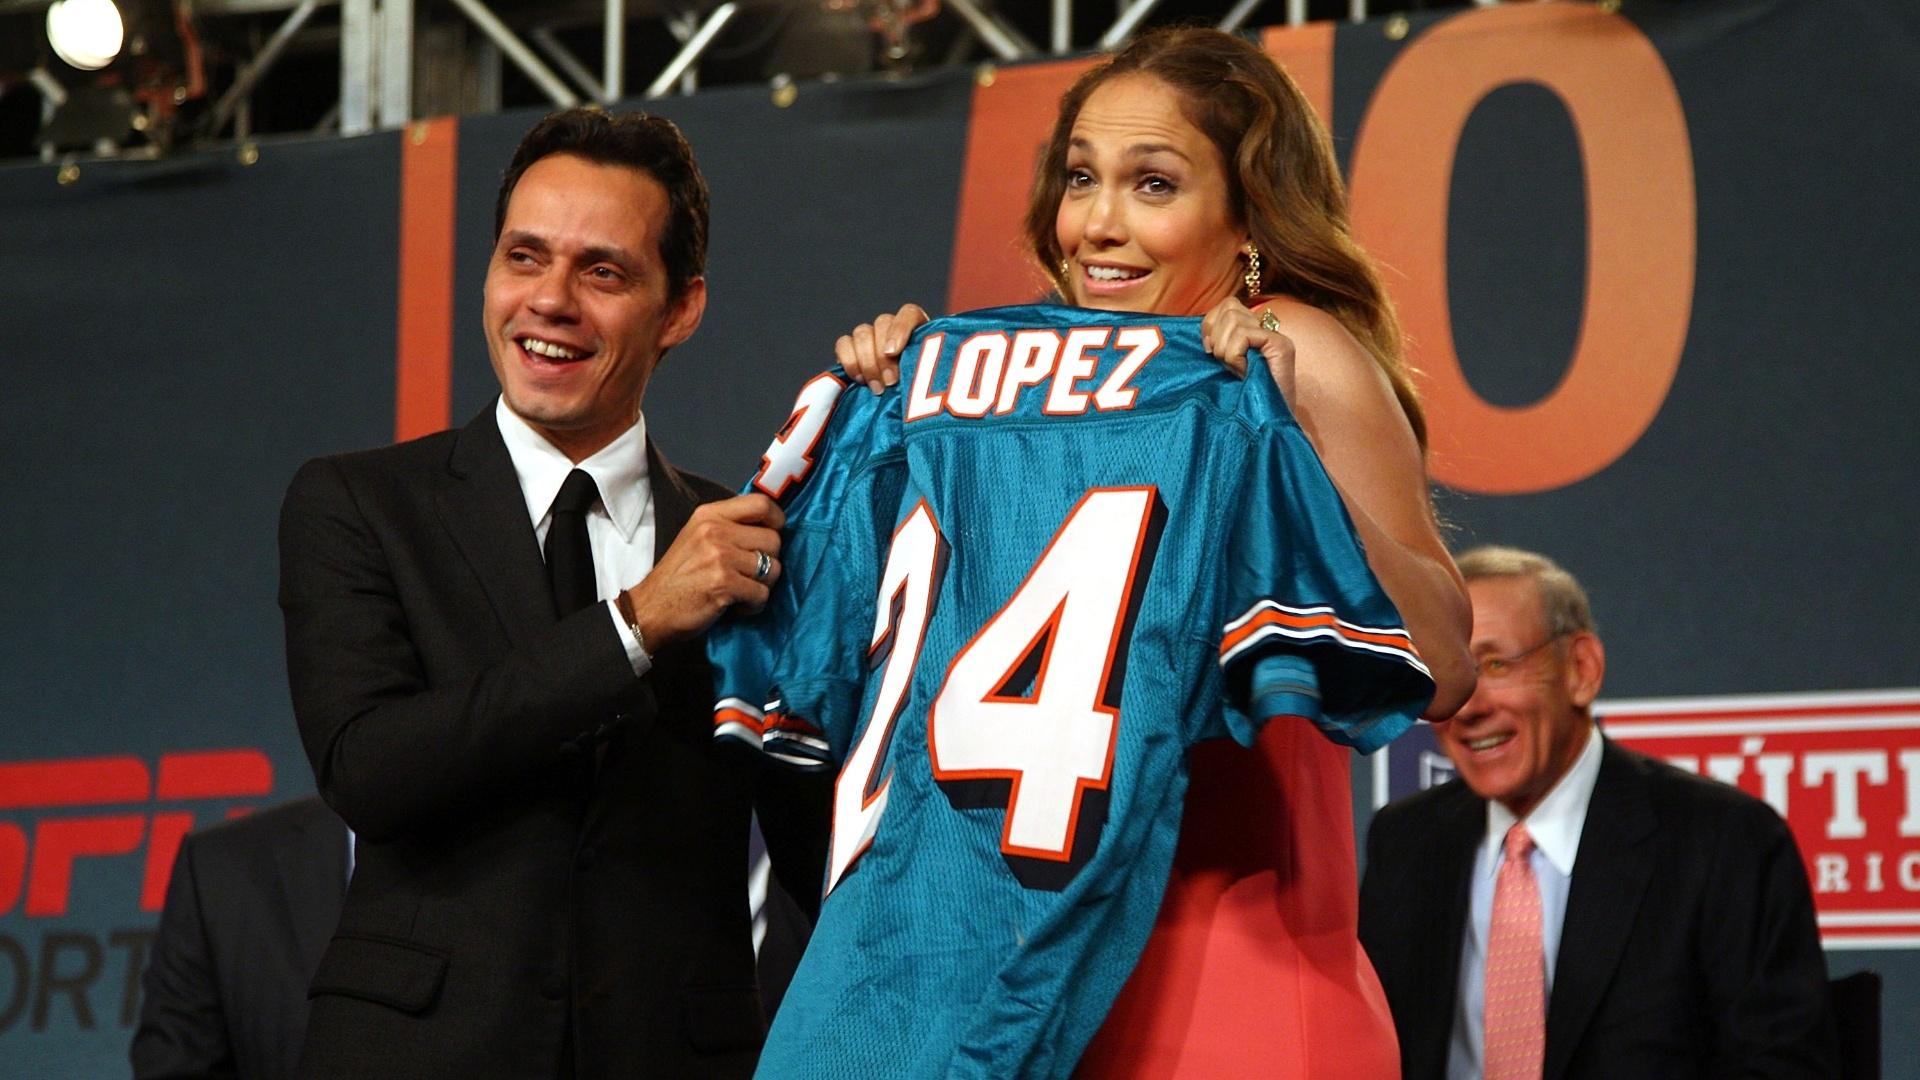 Cantores Marc Anthony (e) e Jennifer Lopez mostram camisa do Miami Dolphins, clube de futebol americano do qual são sócios